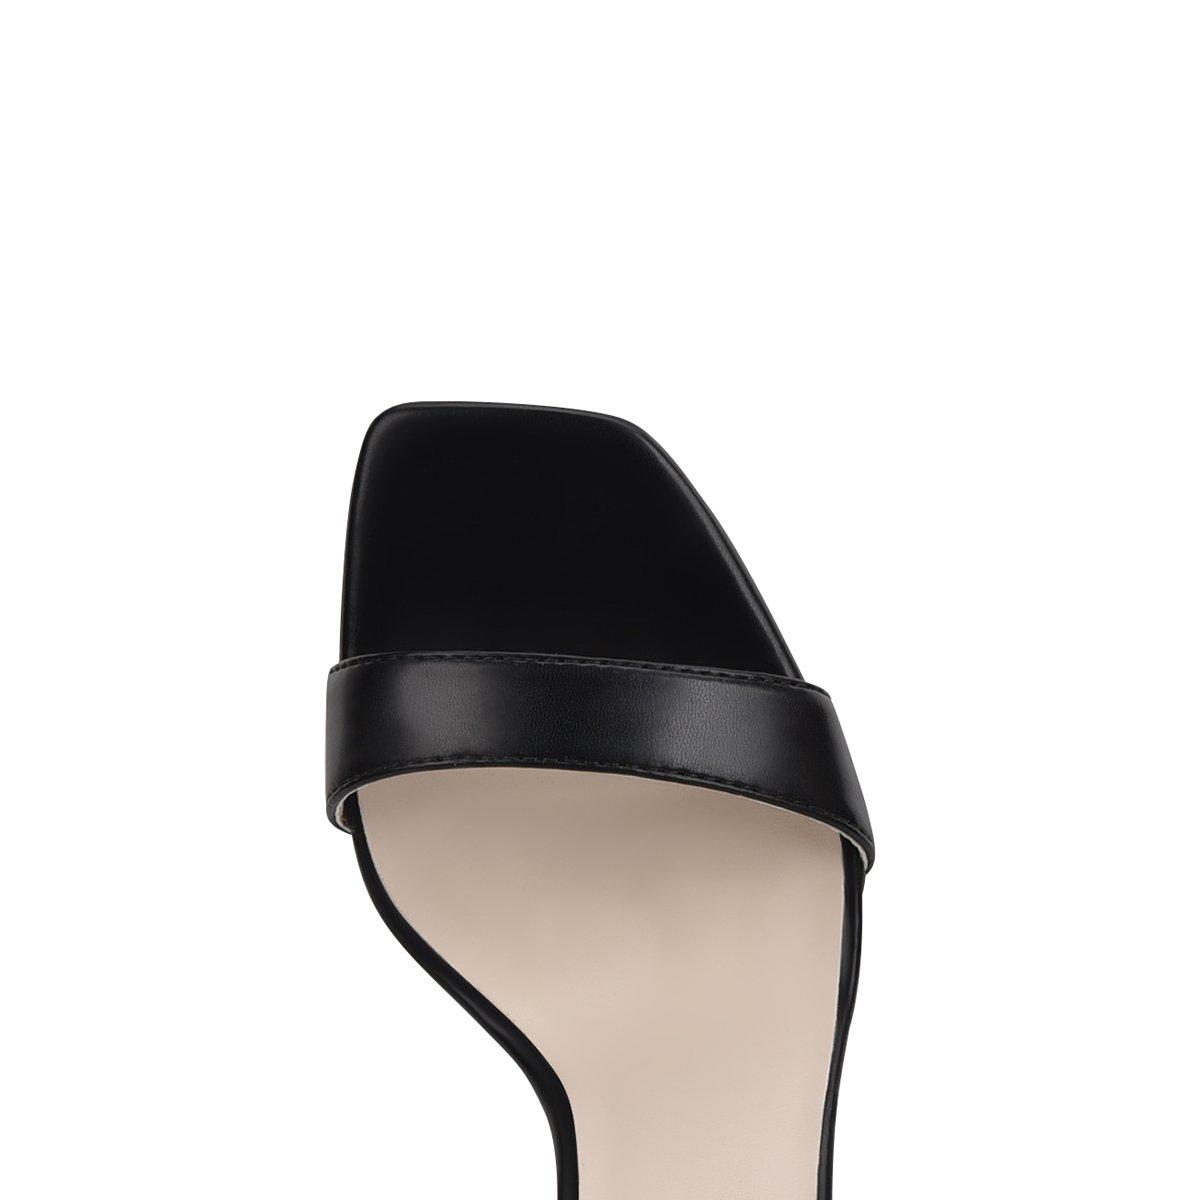 Sandal cao gót Đông Hải gót nhọn bọc kim loại 9cm quai ngang thanh mảnh - S85P5